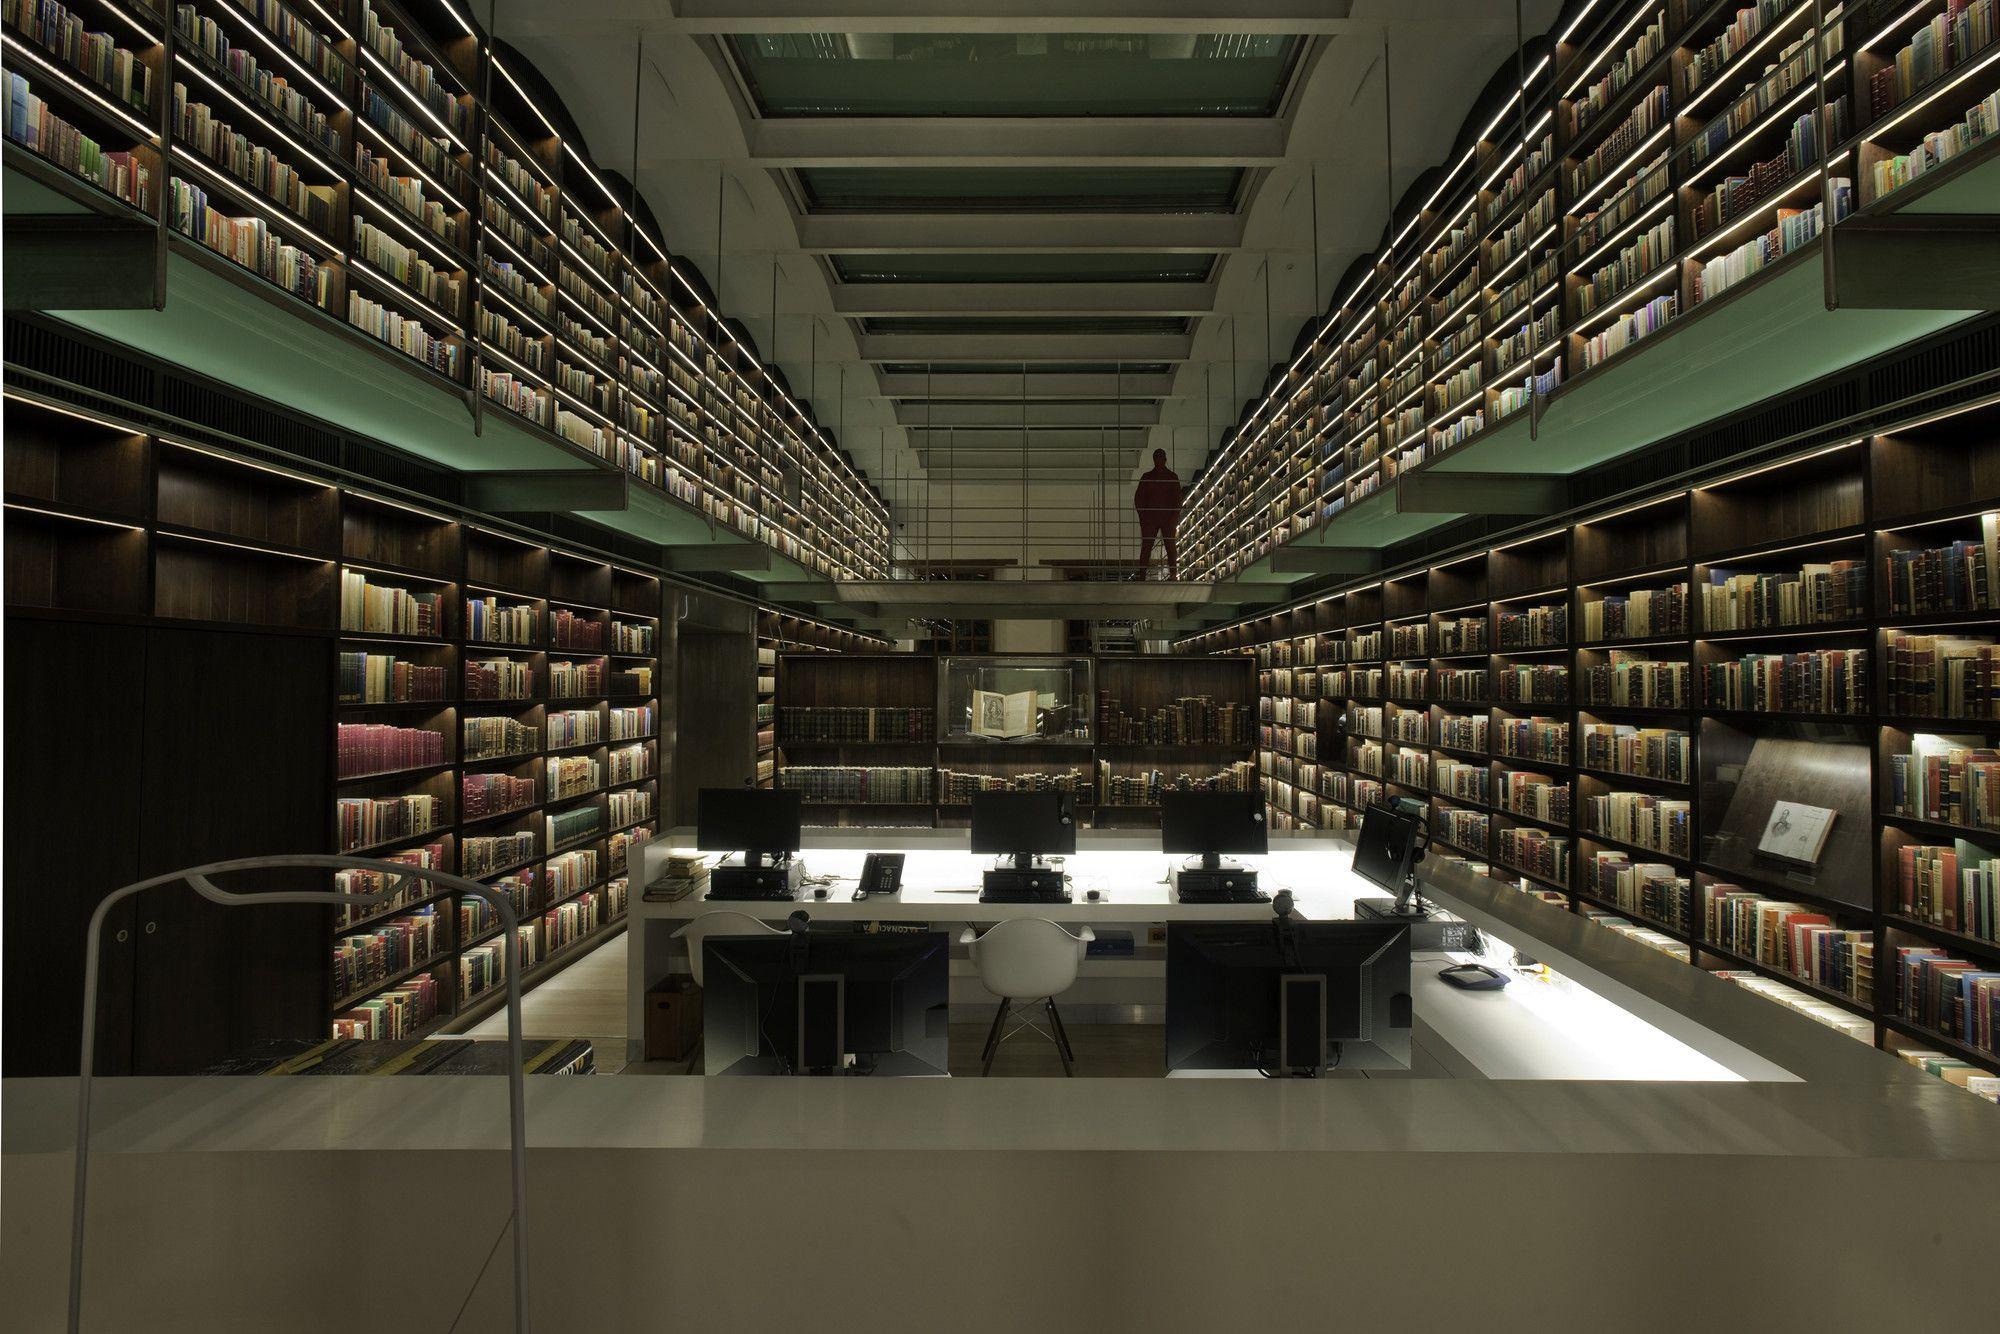 Muebles Pimienta D F - Biblioteca Antonio Castro Leal Bgp Arquitectura Leal [mjhdah]https://i.pinimg.com/originals/e3/5c/26/e35c2695f2363814519414fb726627ea.jpg